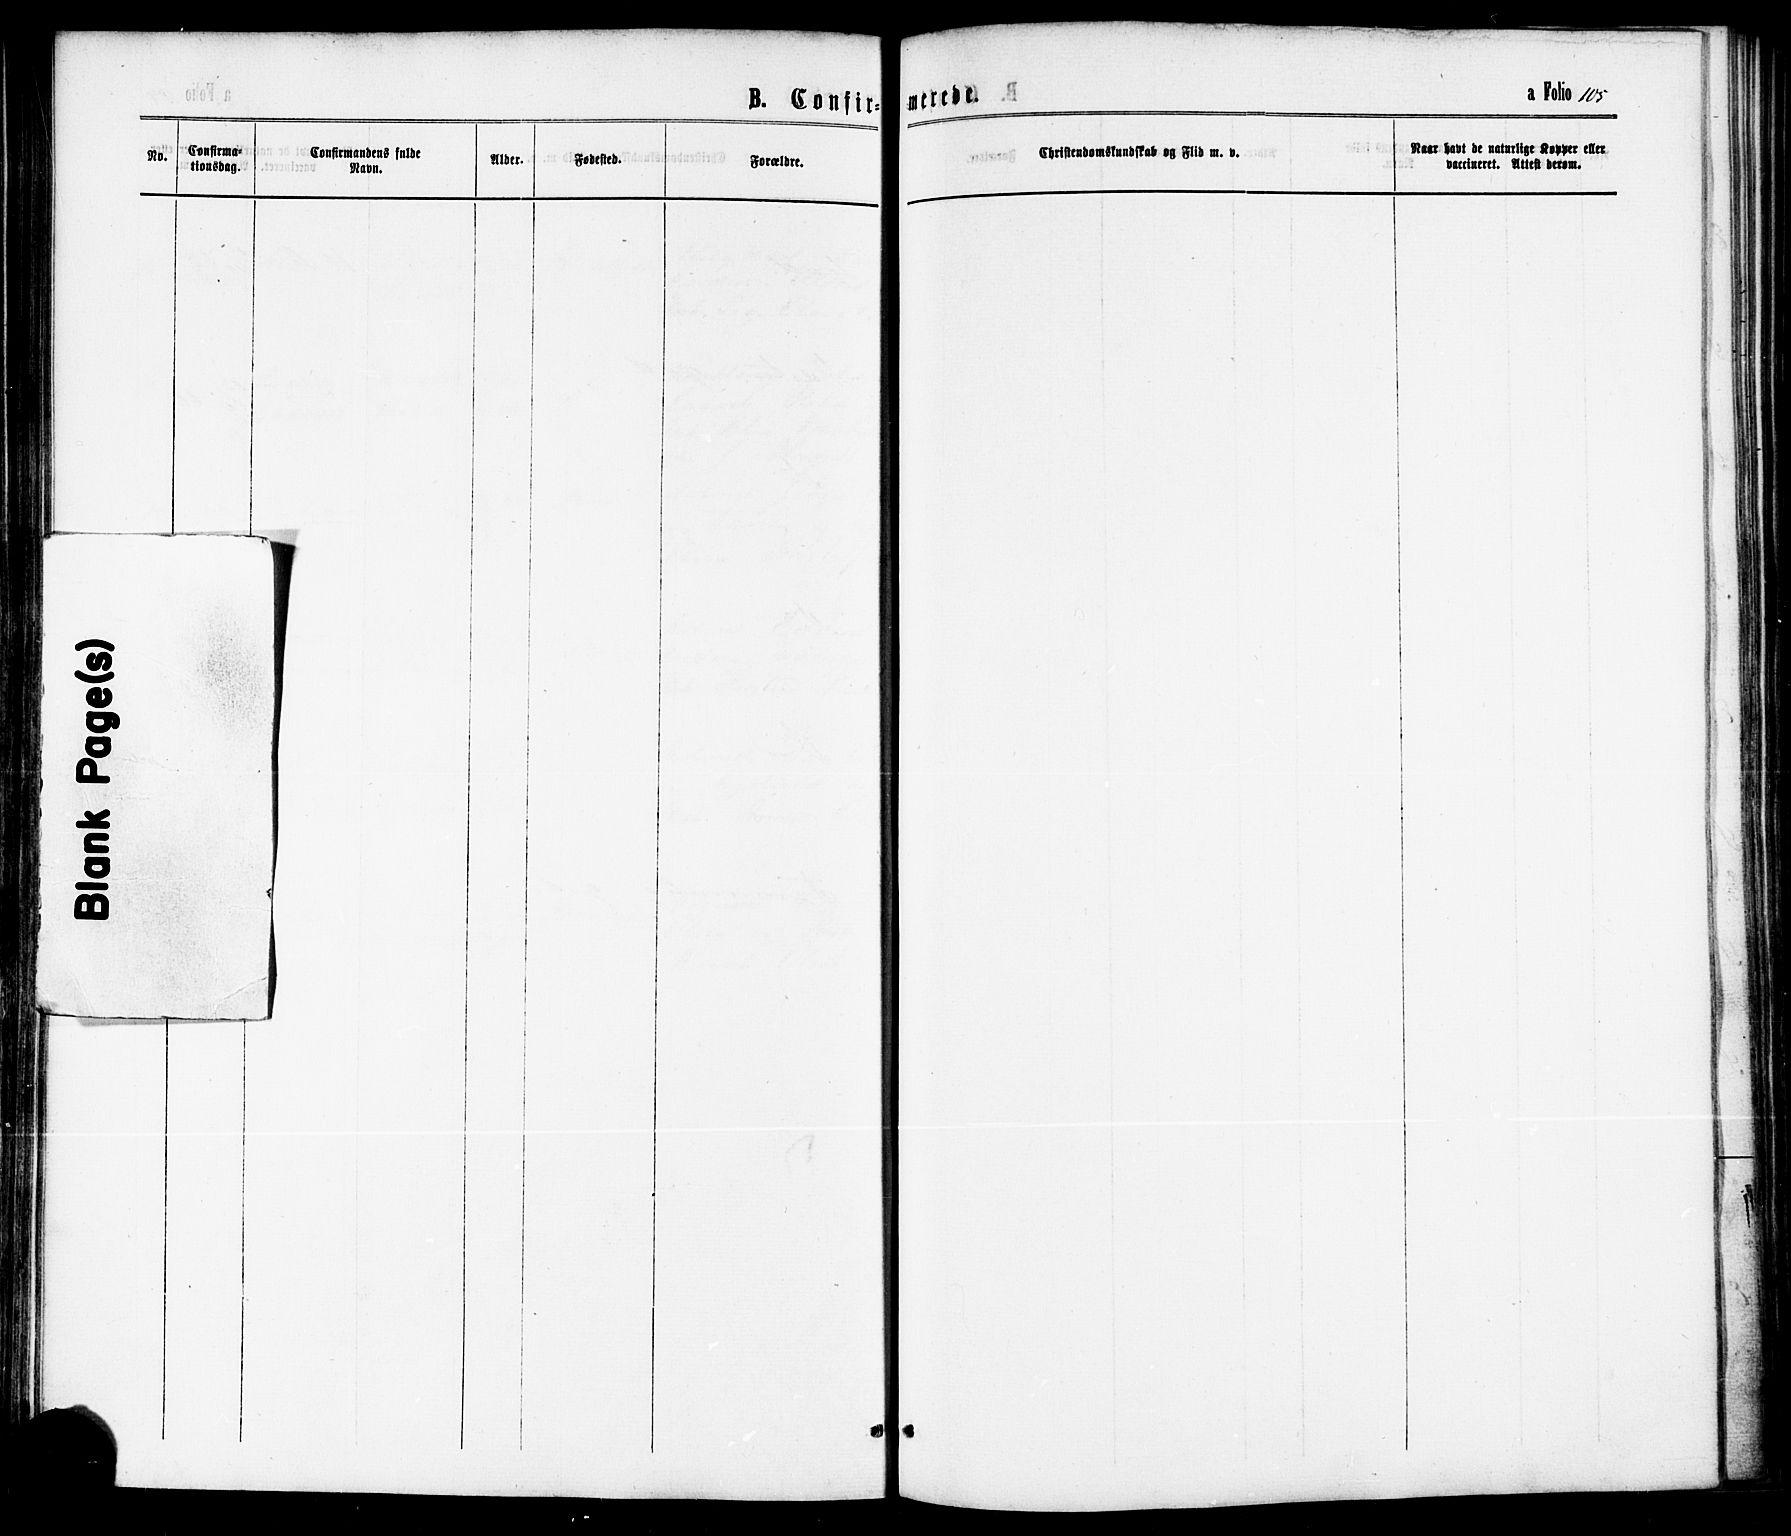 SAT, Ministerialprotokoller, klokkerbøker og fødselsregistre - Nord-Trøndelag, 739/L0370: Ministerialbok nr. 739A02, 1868-1881, s. 105